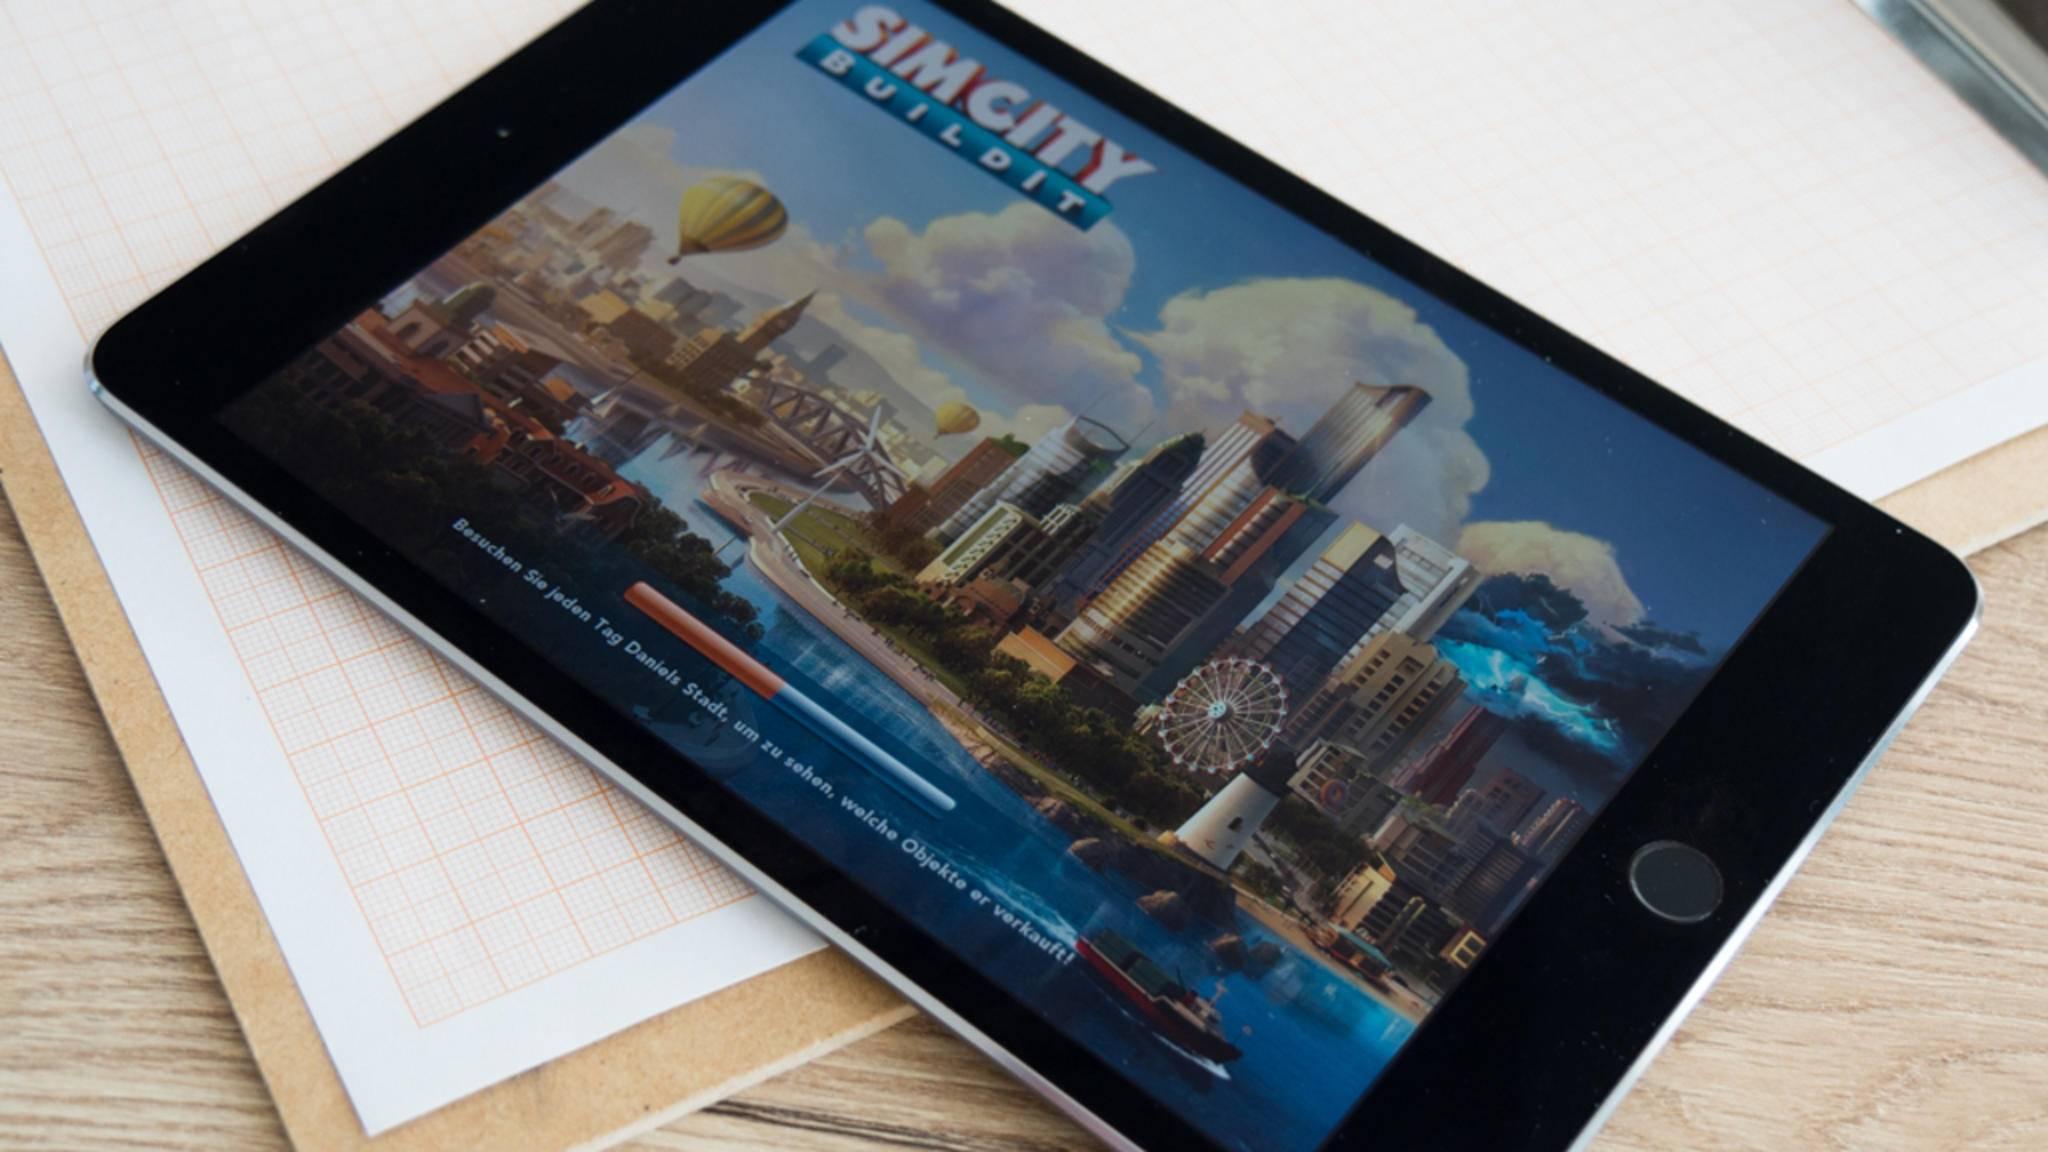 Schluss mit dicken Rändern: Das iPad 10,9 soll links und rechts ohne Ränder auskommen.